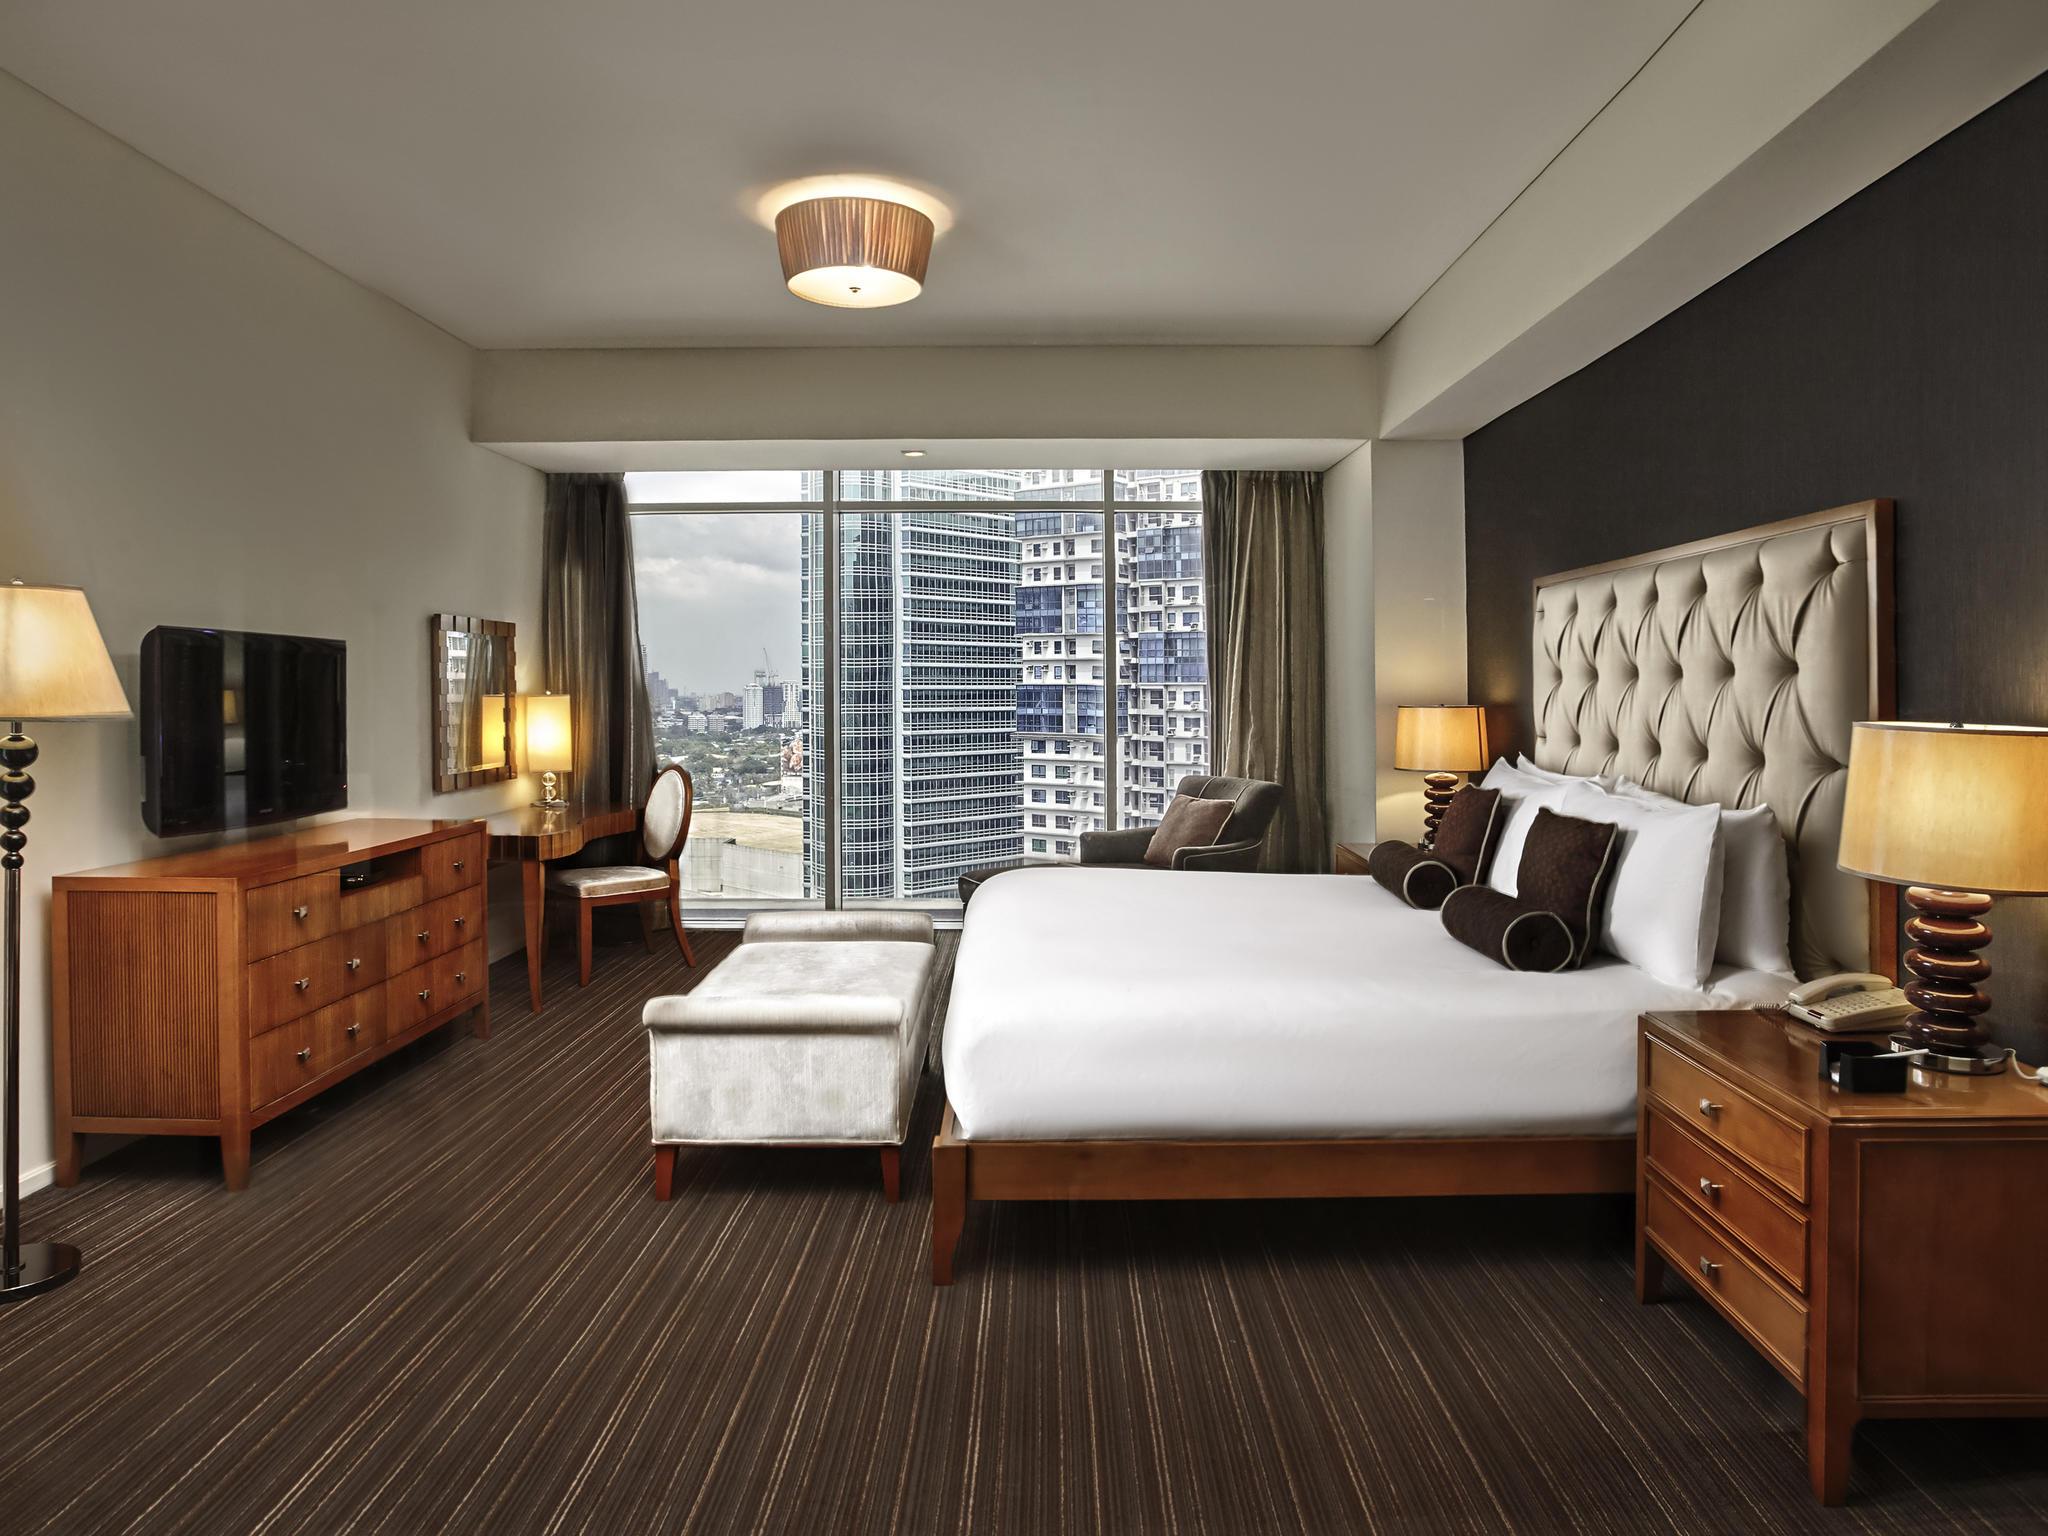 ホテル – ジョイ~ノスタルグ ホテル & スイート マニラ マネージド by アコーホテルズ